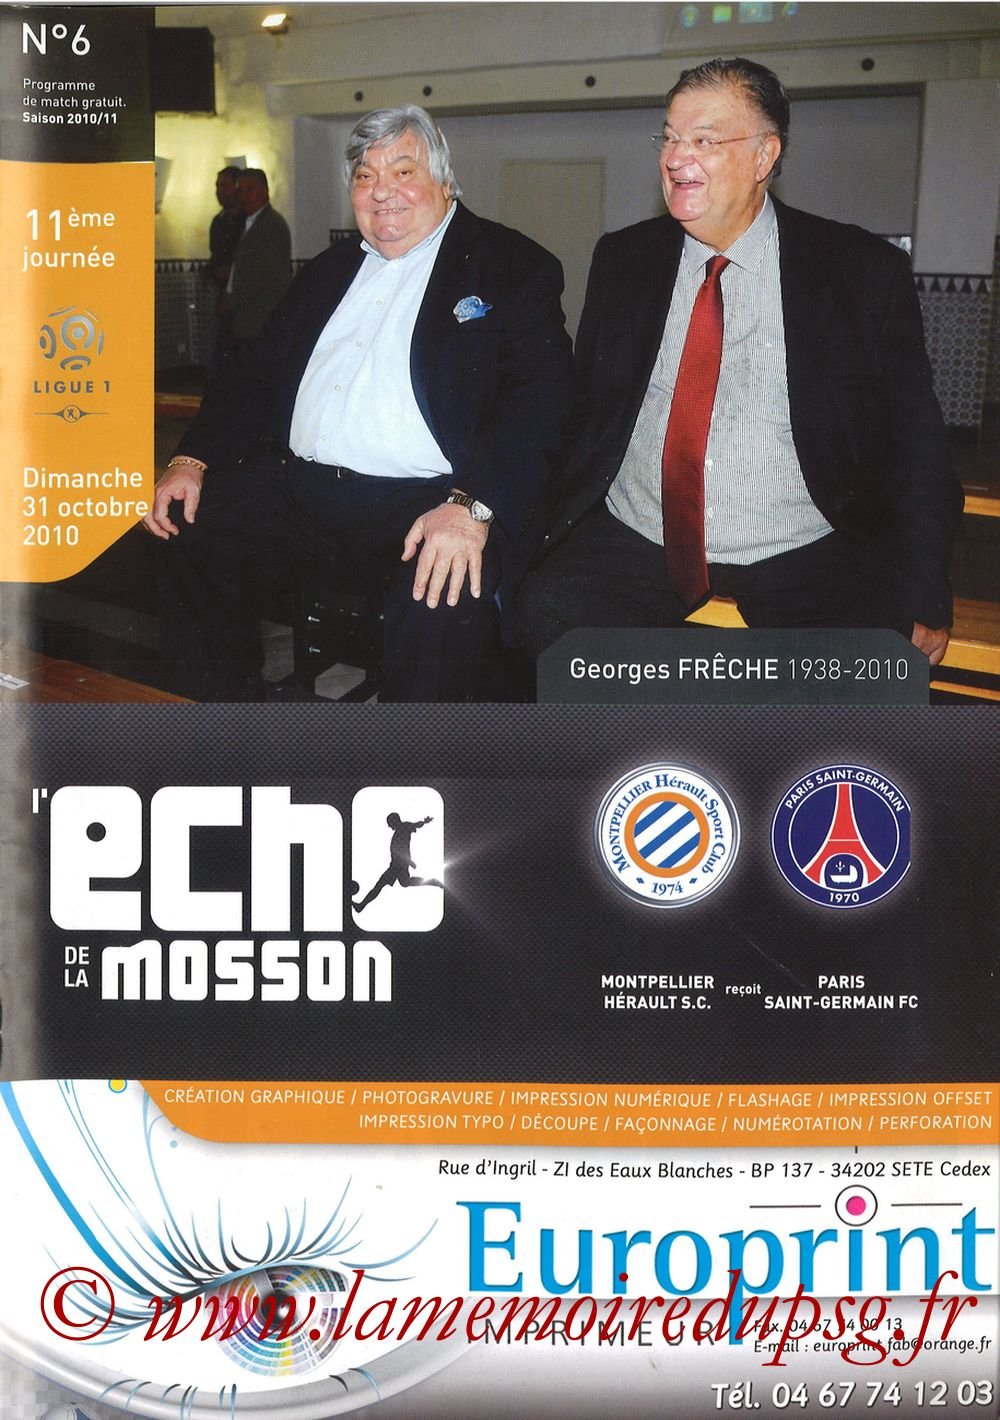 2010-10-31  Montpellier-PSG (11ème L1, L'Echo de la Mosson N°6)